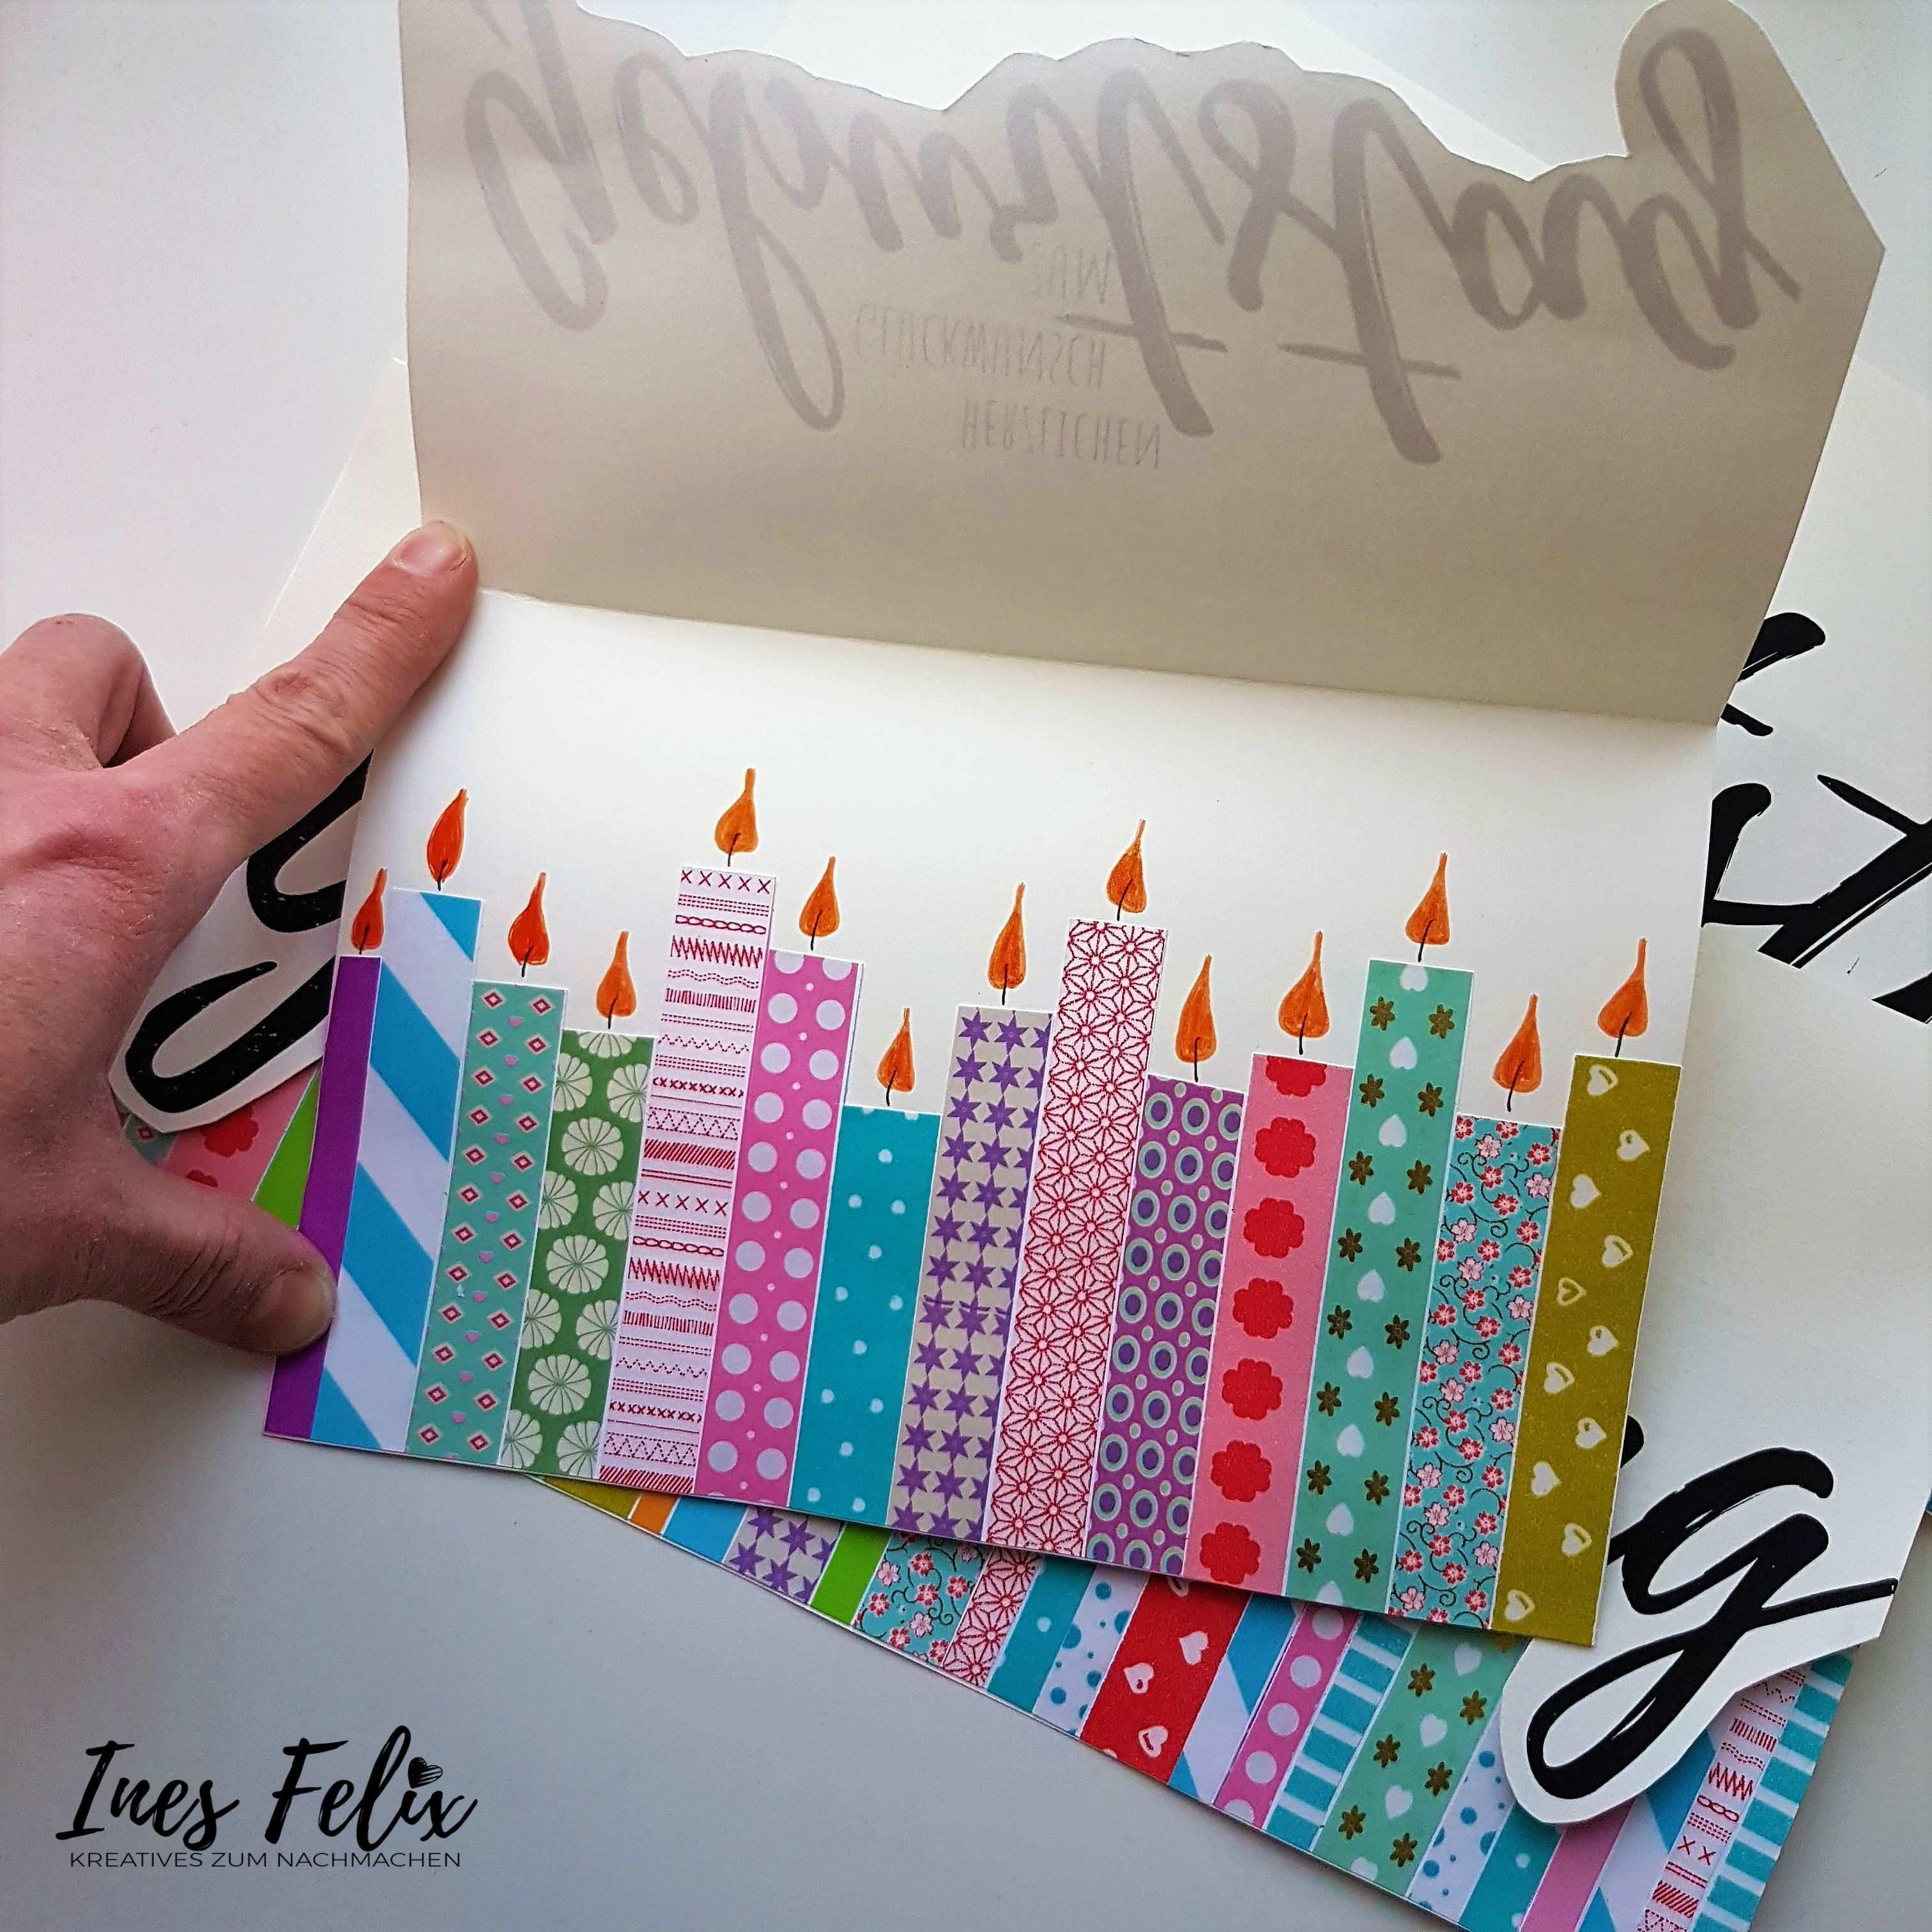 Geburtstagskarte Mit Kerzen Aus Masking Tape Bunt Schon Und Schnell Gemacht Mit Vorlage Zum Ausdruc Karte Basteln Geburtstag Geburtstagskarte Karten Basteln